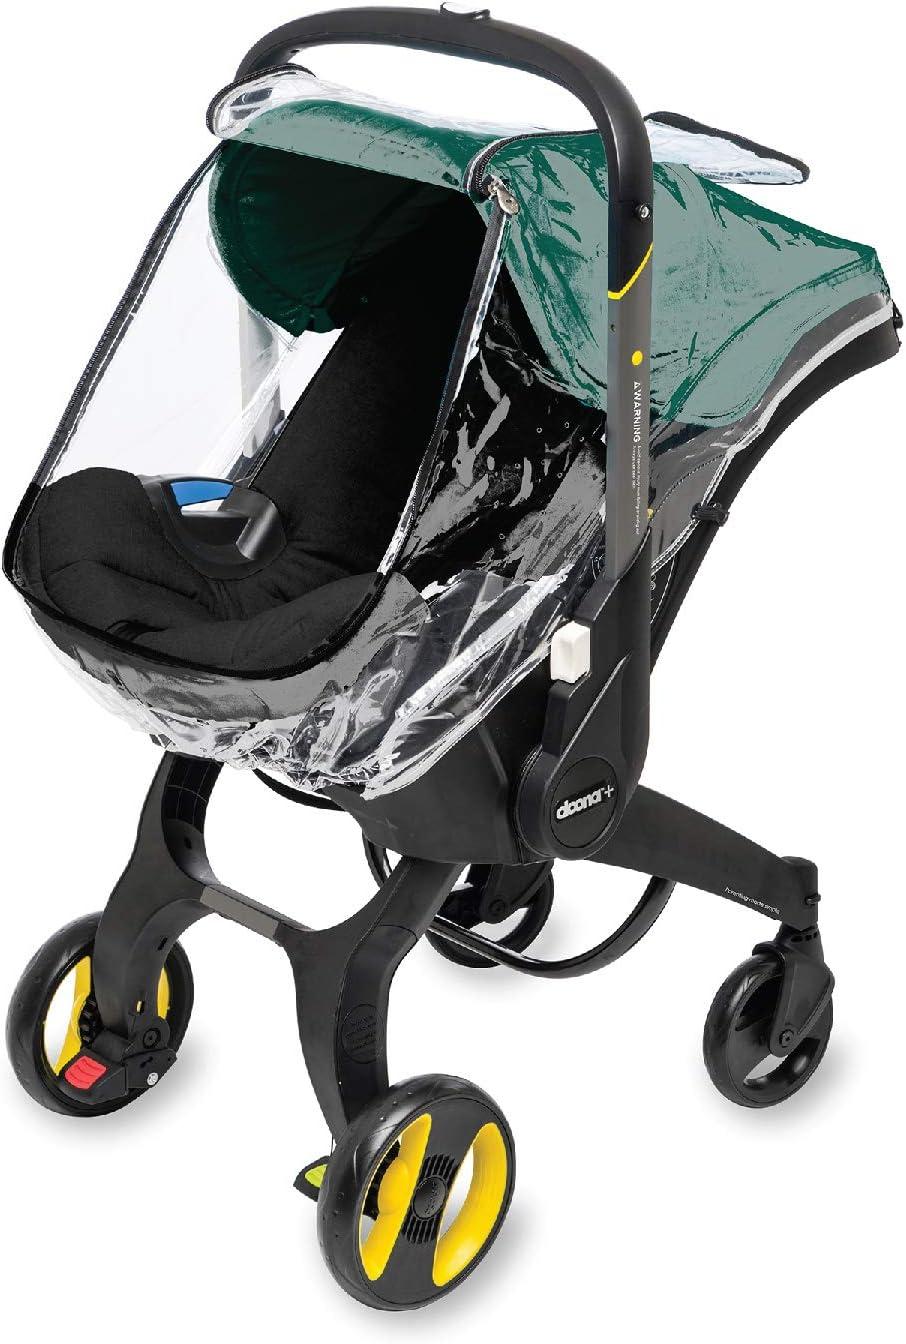 Simple Parenting - Plástico de Lluvia para Silla de Auto Doona transparente